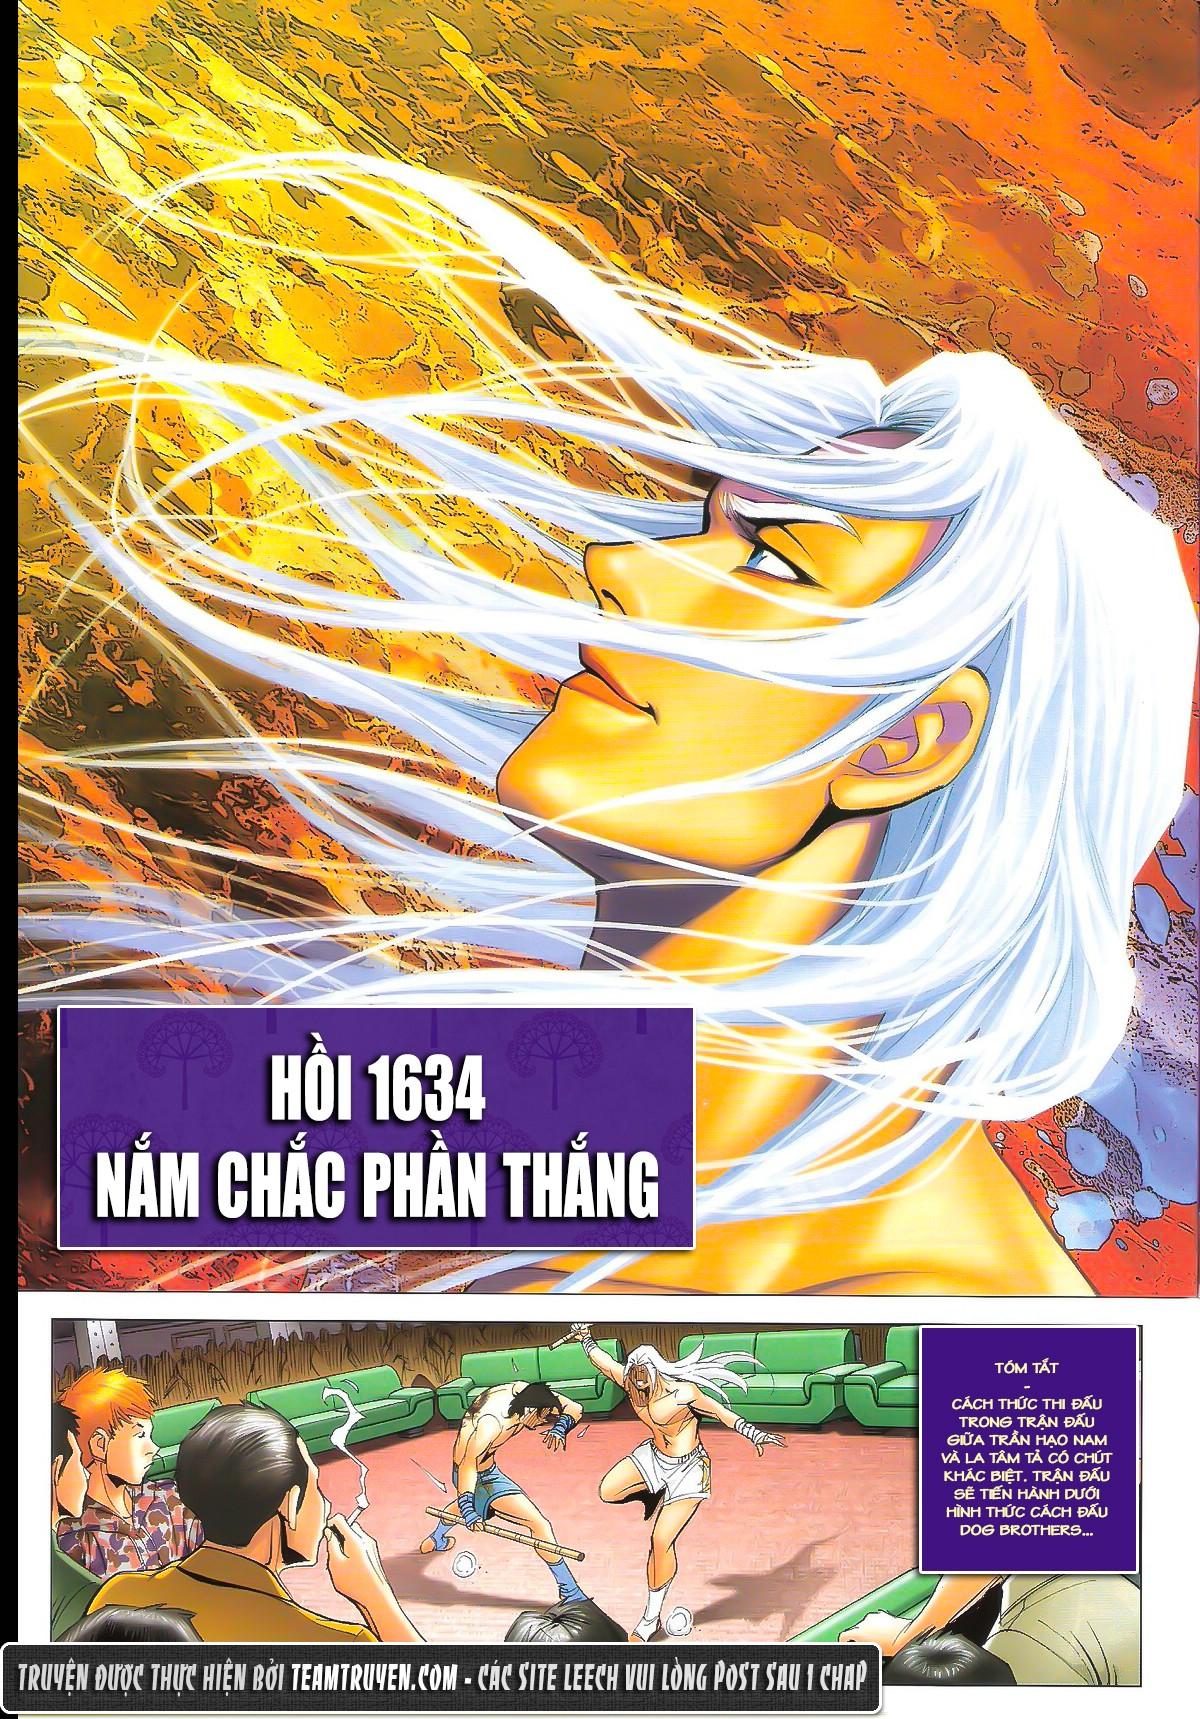 Người Trong Giang Hồ chapter 1634: nắm chắc phần thắng trang 2